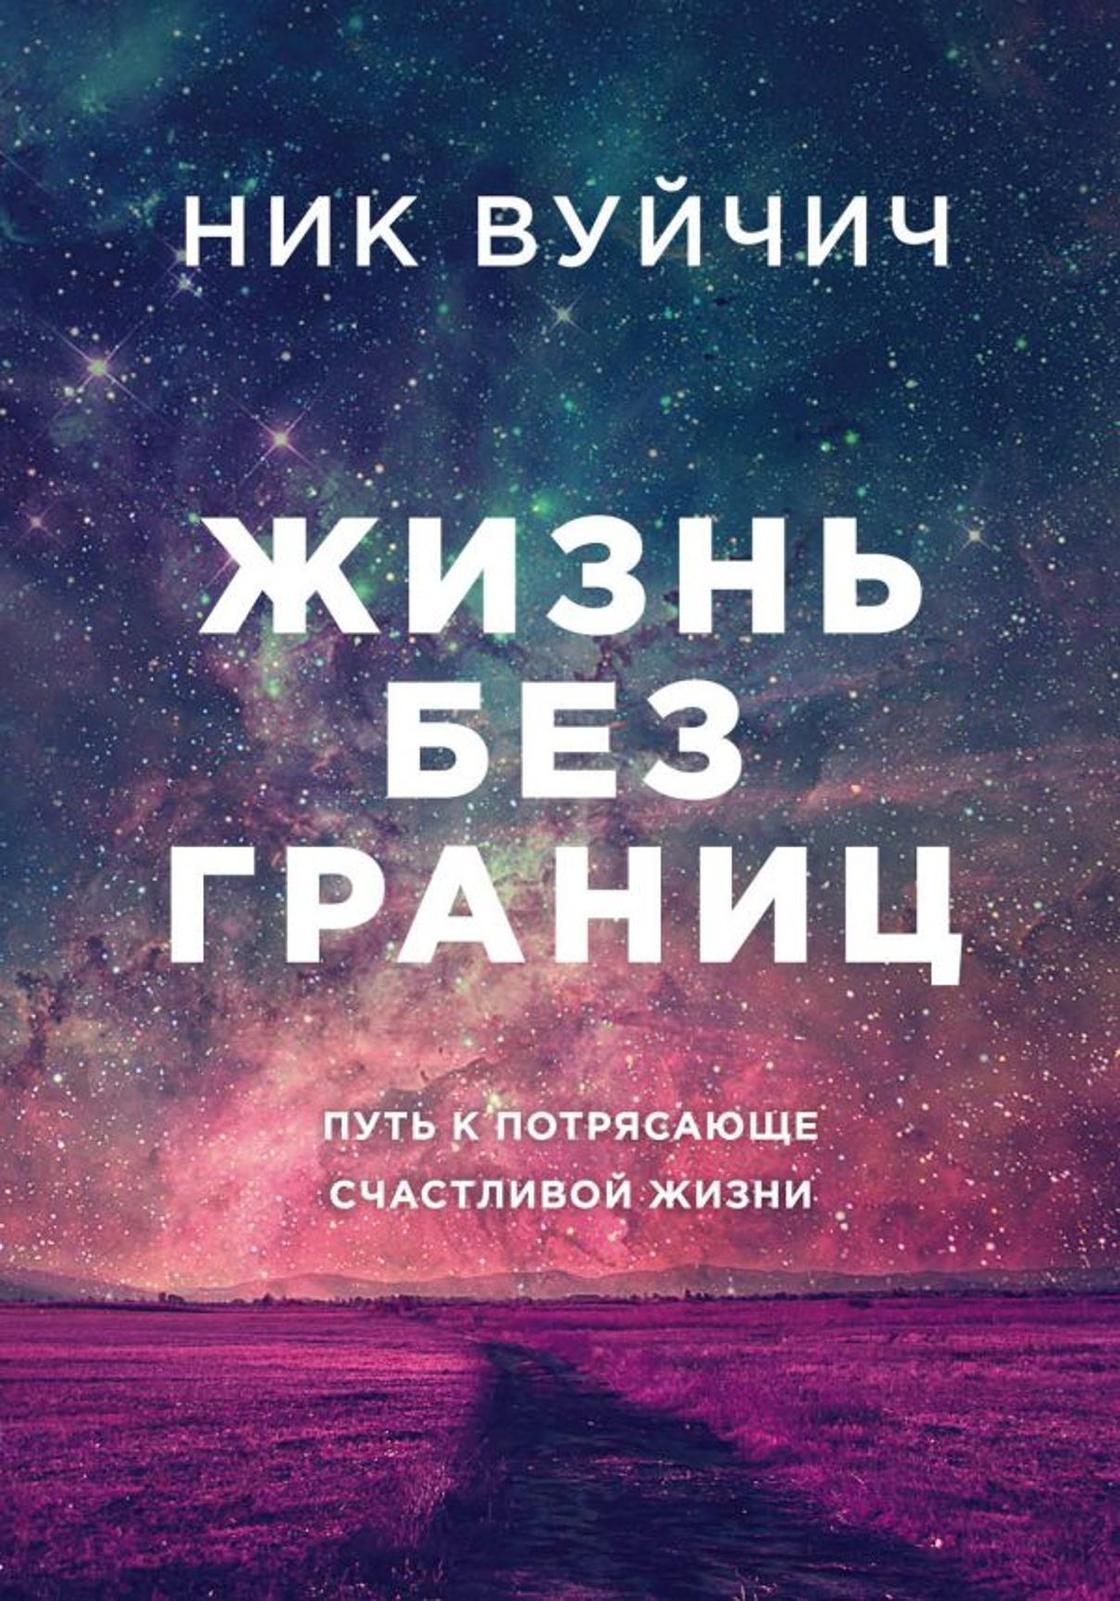 Ник Вуйчич: лучшие книги